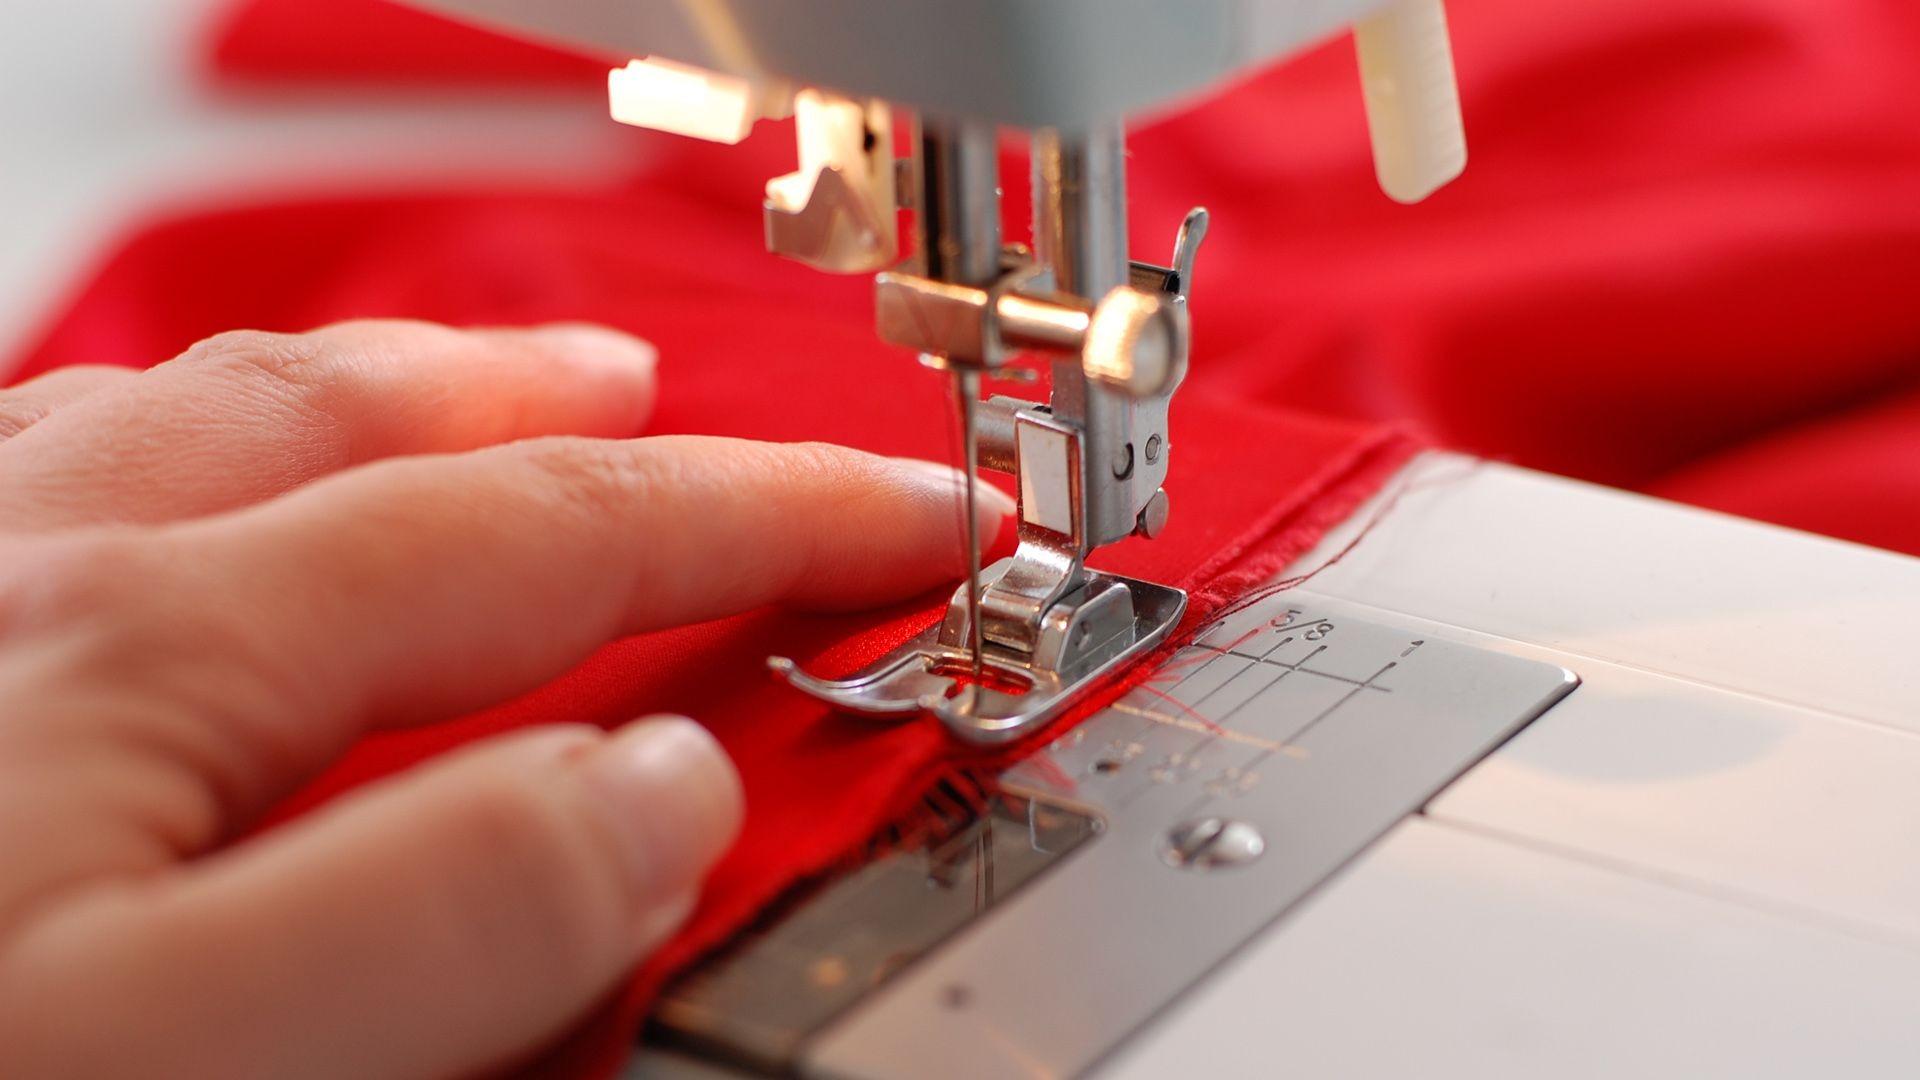 Venta y reparación de máquinas de coser en Pontevedra